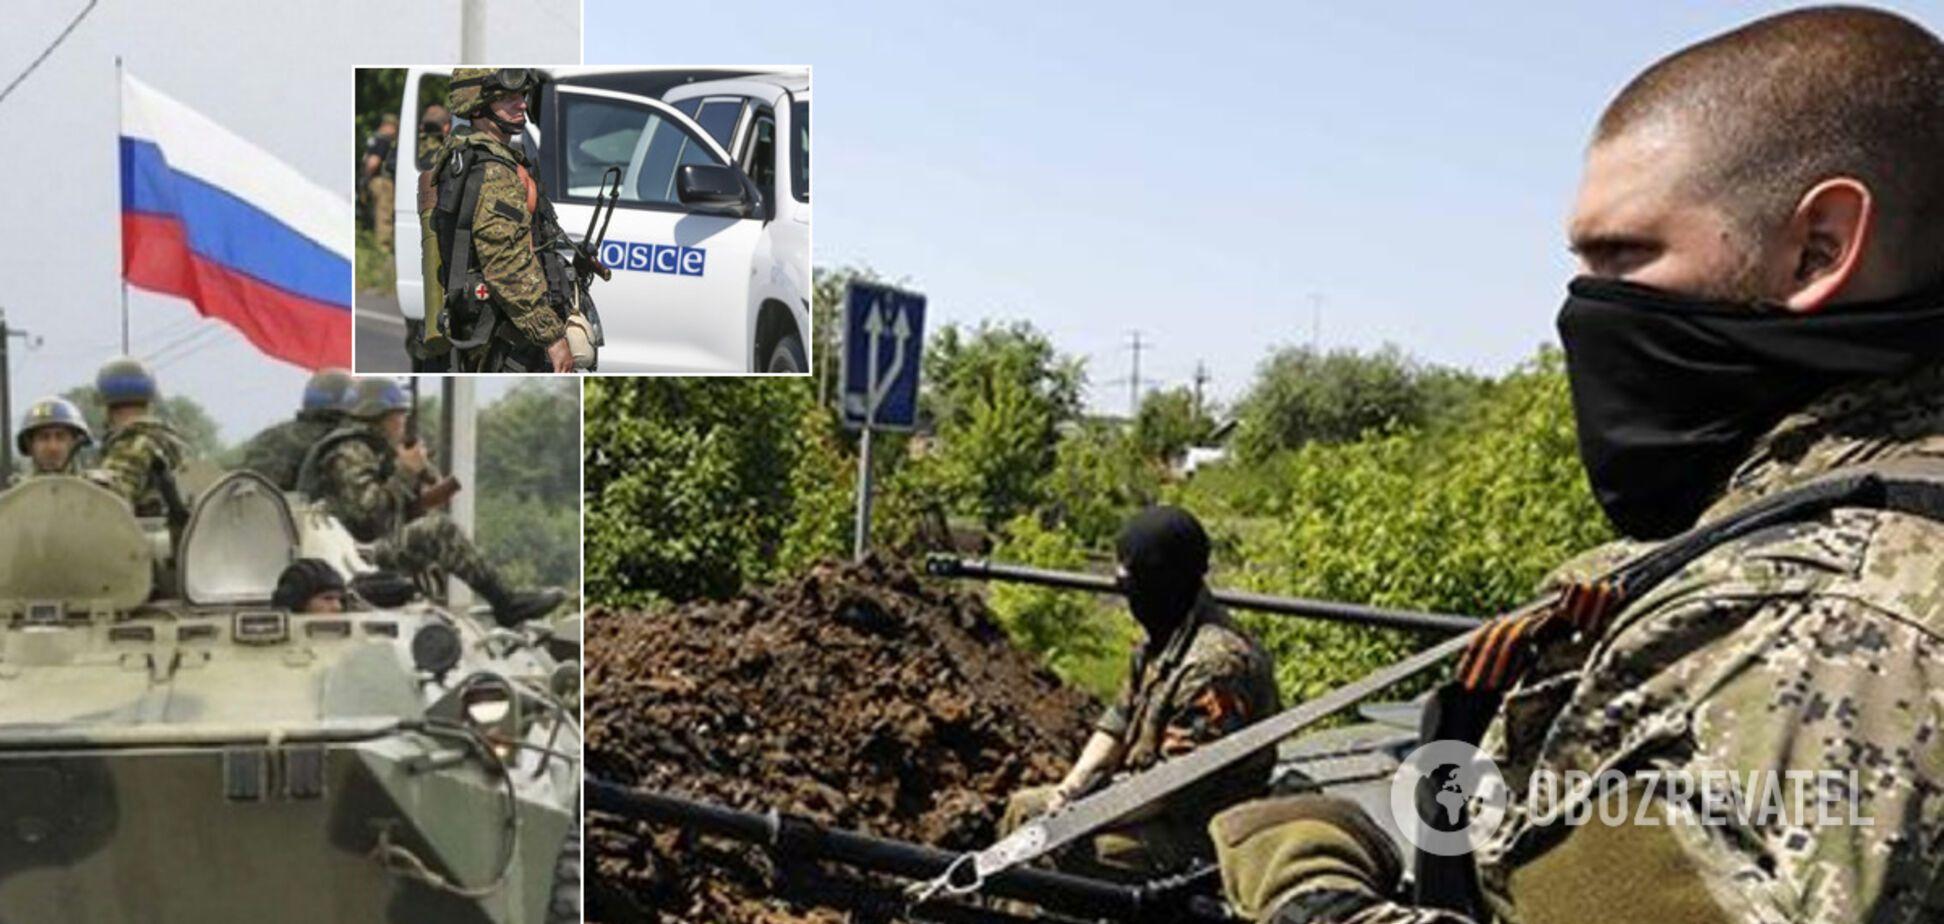 Войска РФ стягивают на Донбасс тяжелое вооружение и прикрываются от ОБСЕ 'COVID-19' – штаб ООС